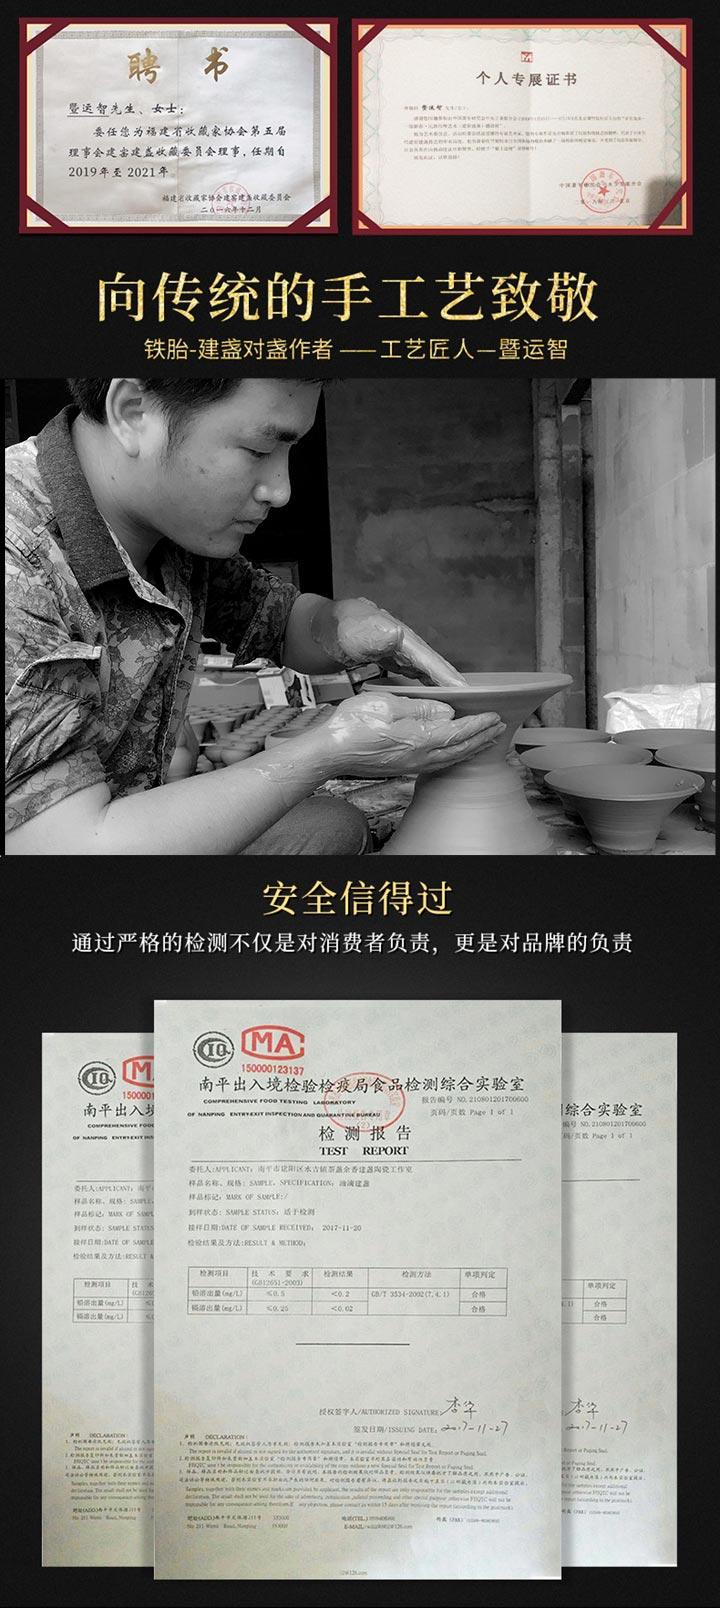 jianzhanxiugai4_04.jpg